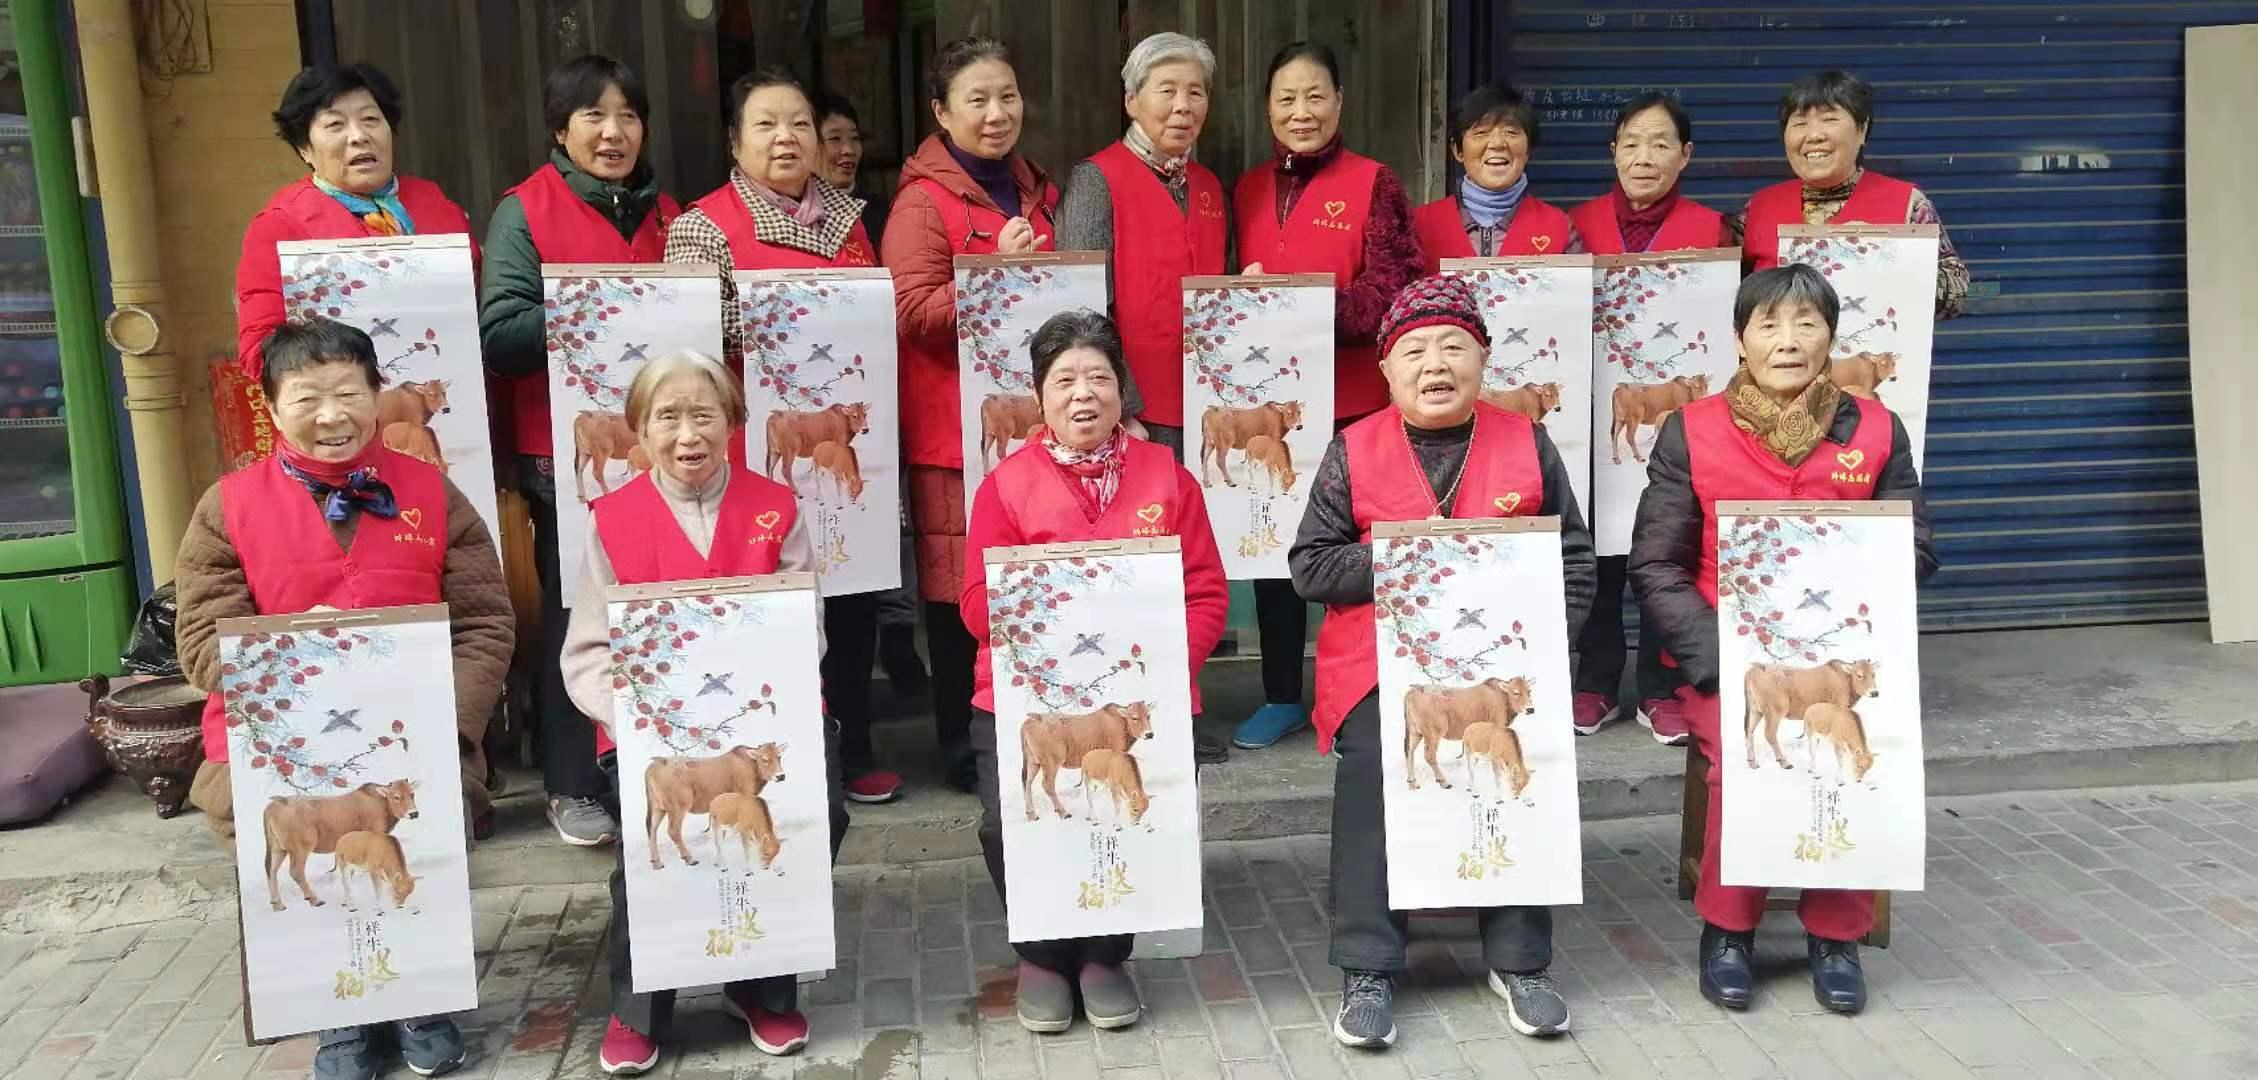 """""""志在我心,愿为你动""""蚌埠市爱心奶奶团祝所有的志愿者身体健康!万事如意!"""